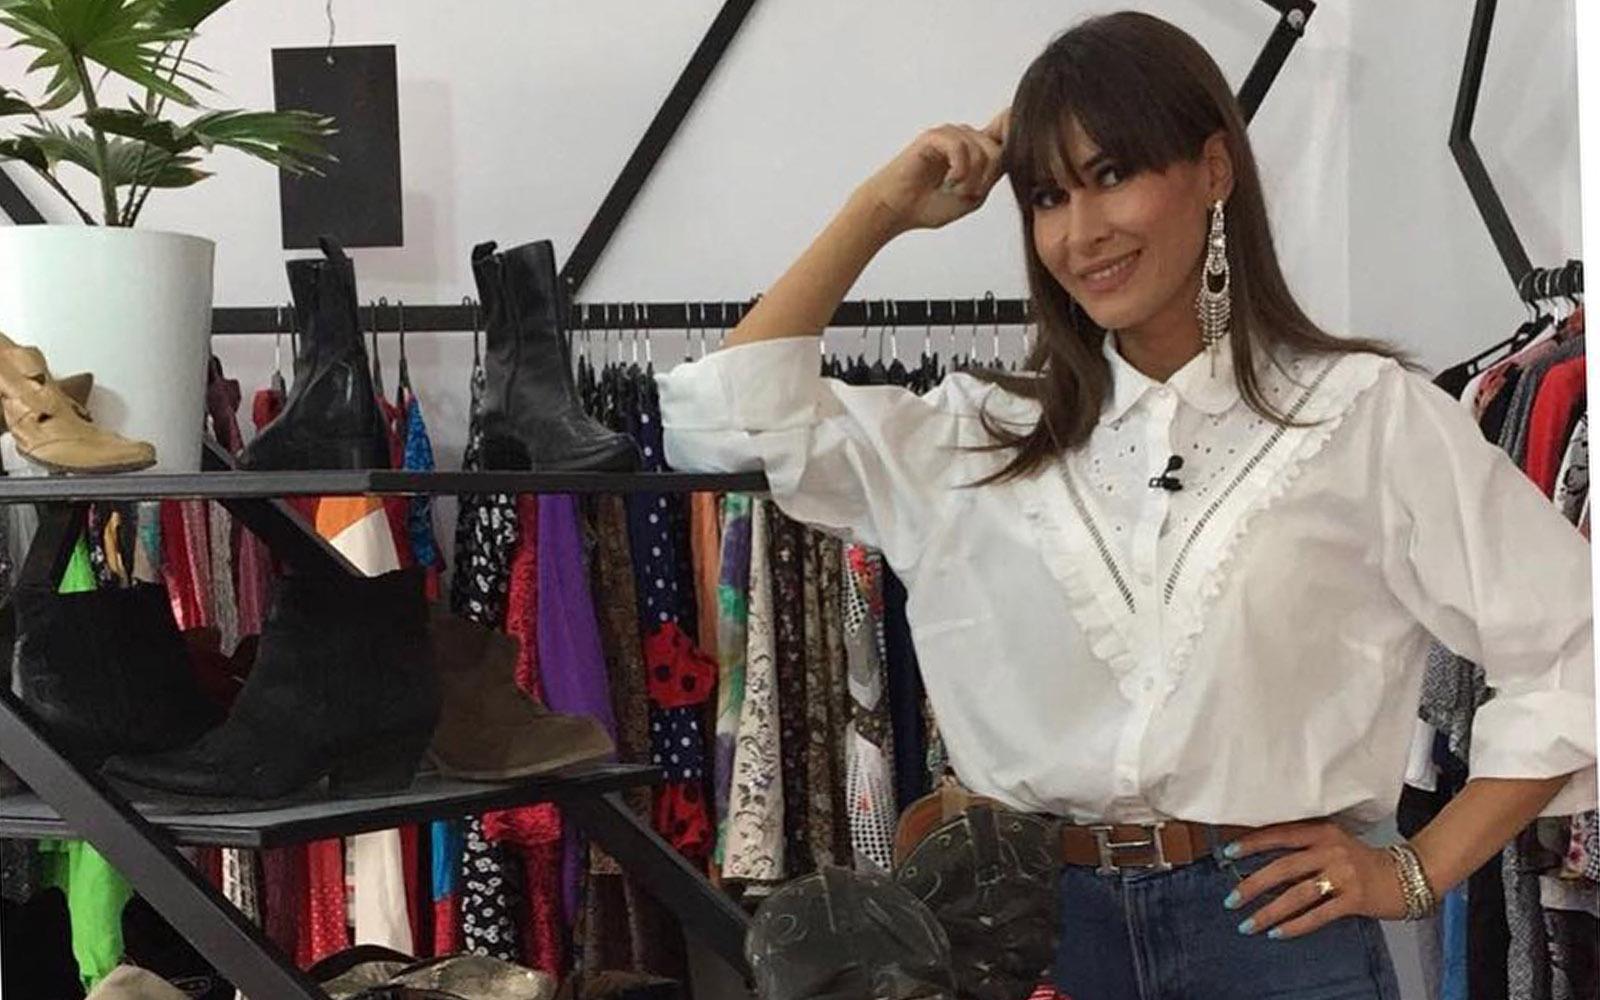 De la cine împrumută haine Cristina Mihaela Dorobanțu?